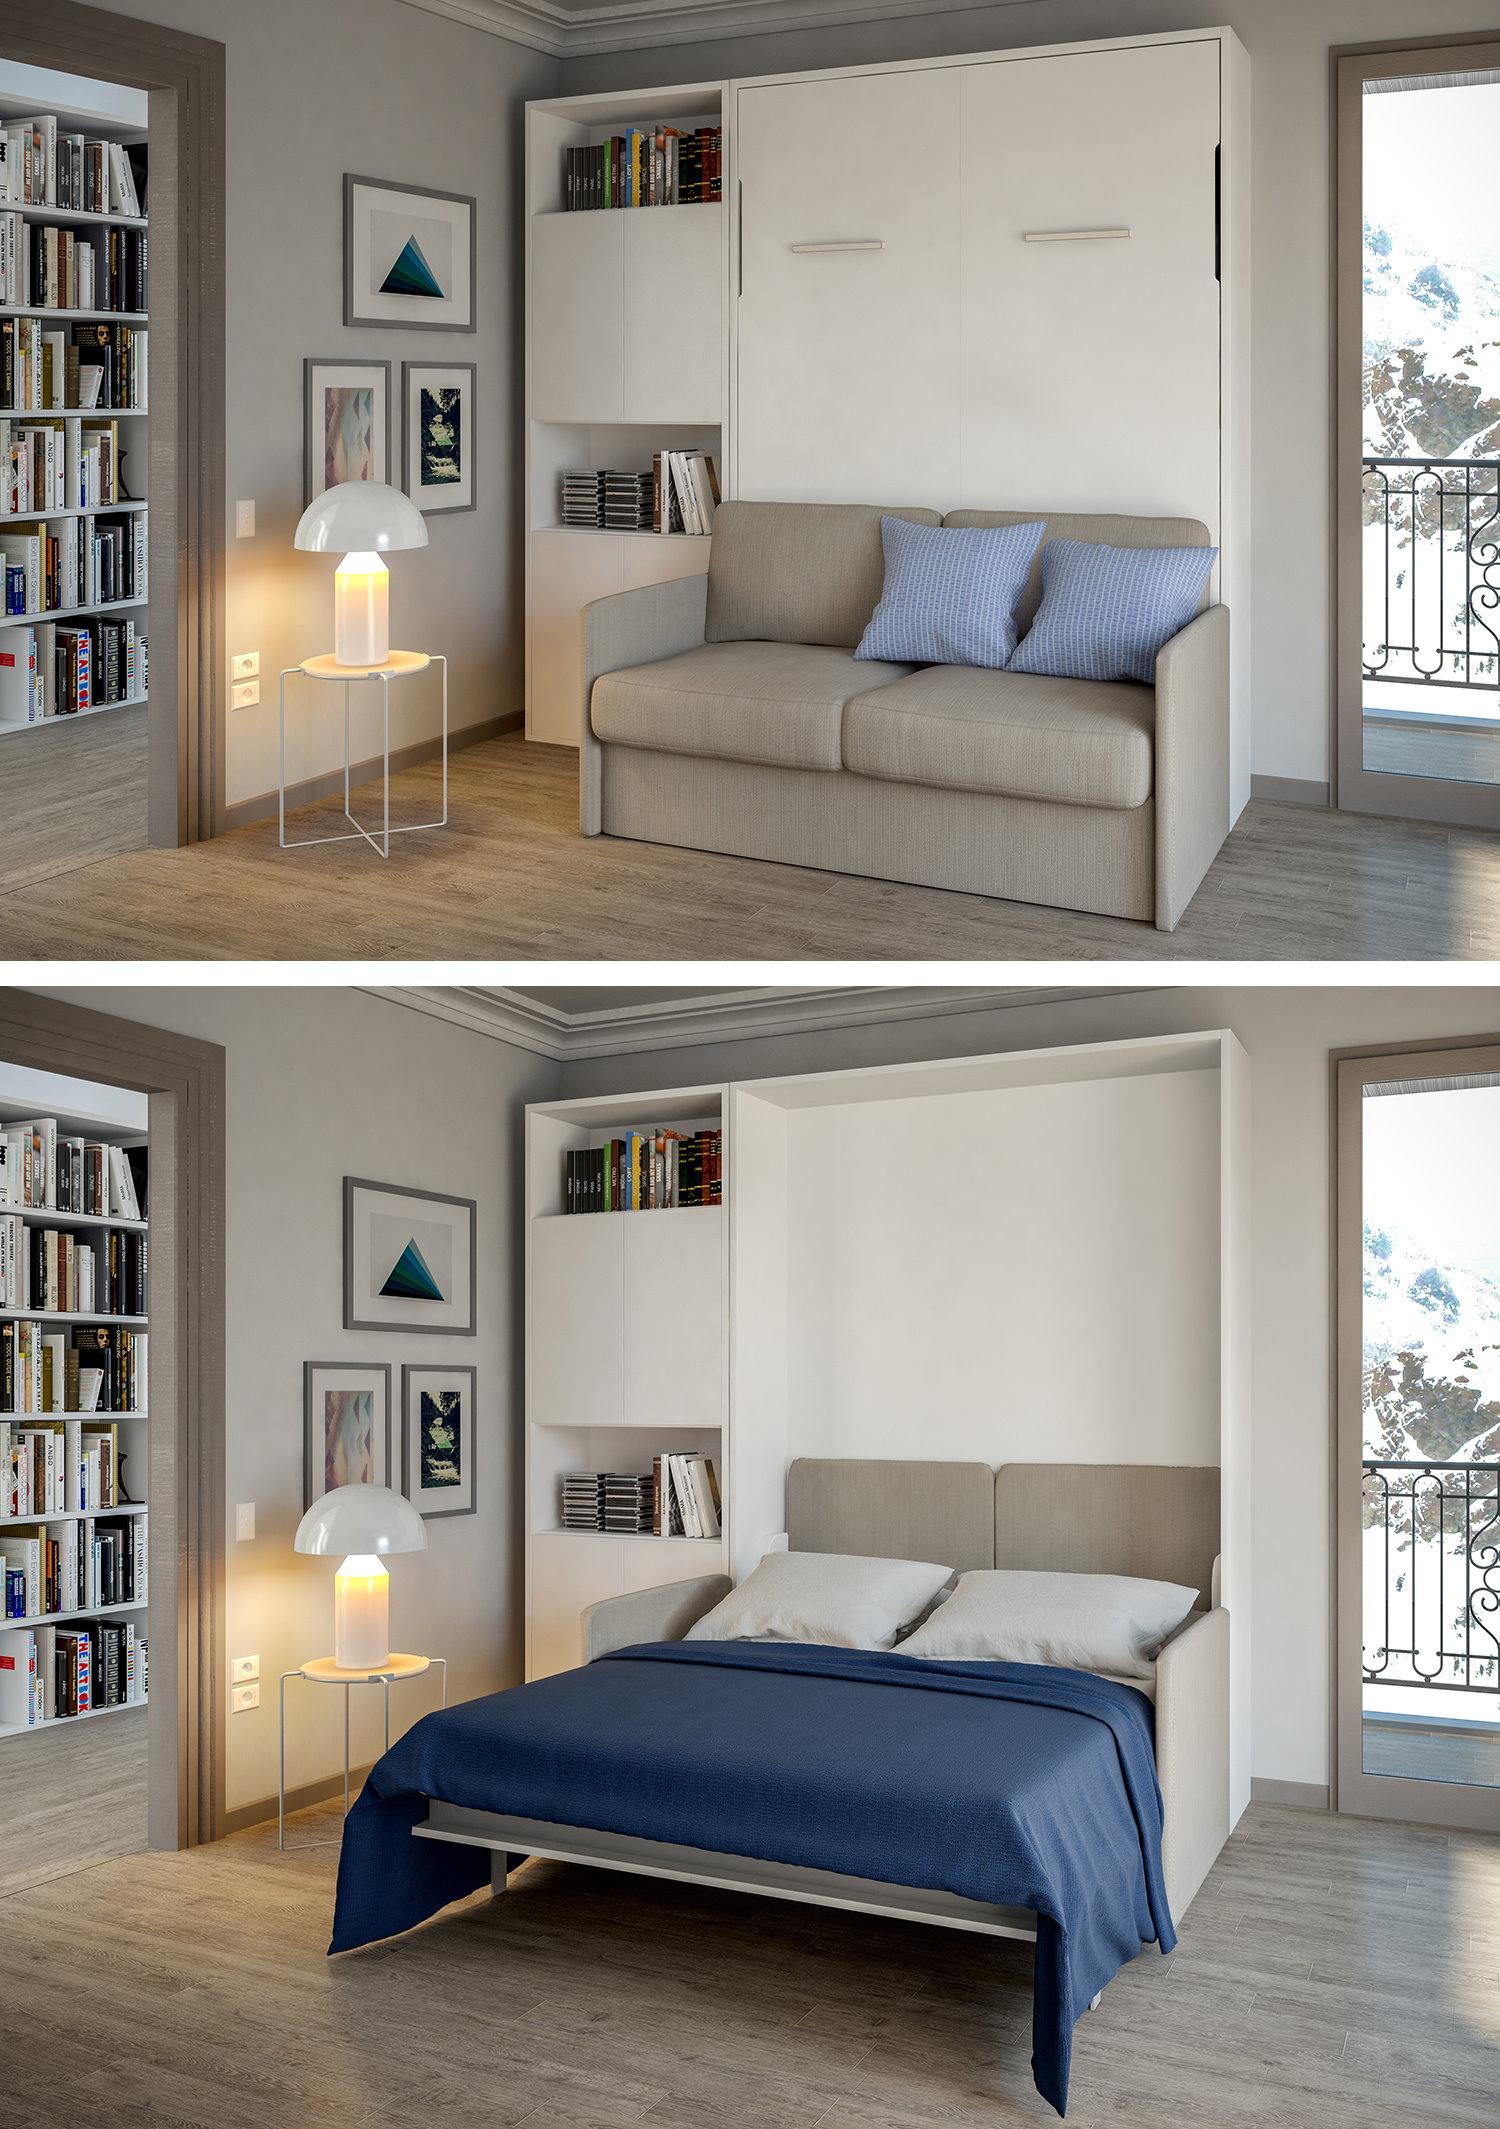 Letto a scomparsa abbattibile. Da mobile con divano davanti a letto per due persone.